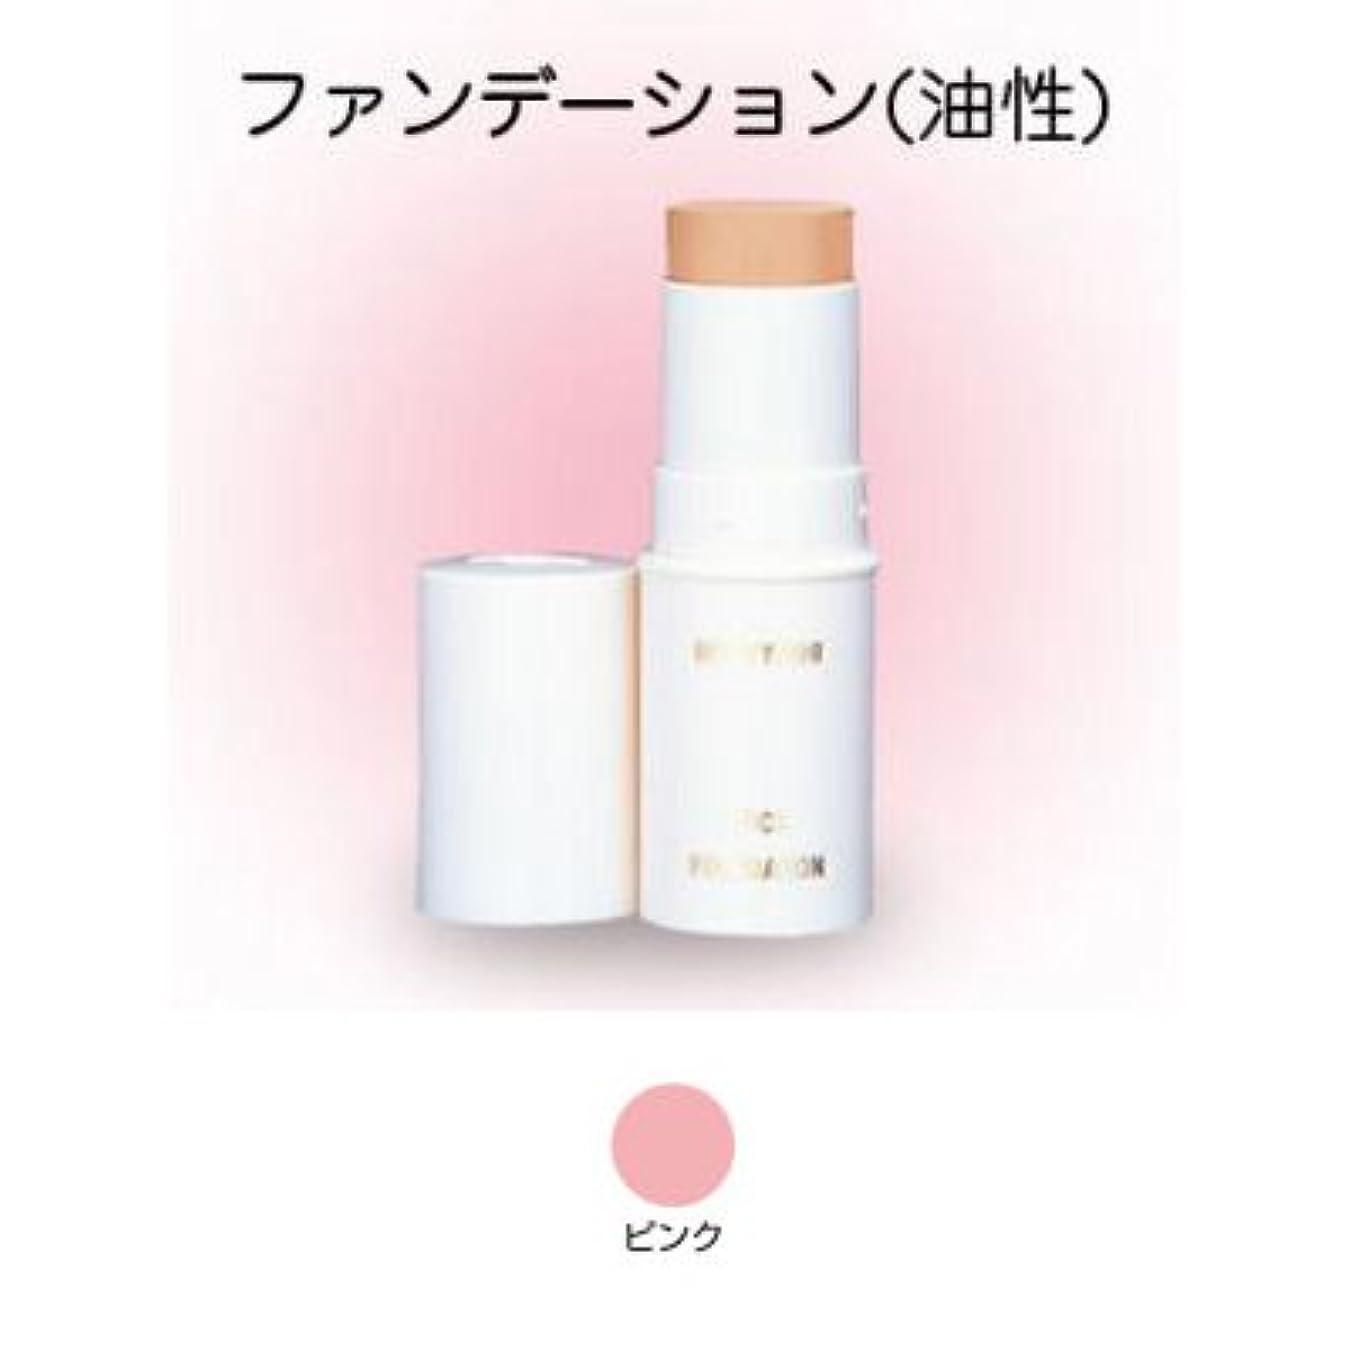 保証するなに火曜日スティックファンデーション 16g ピンク 【三善】